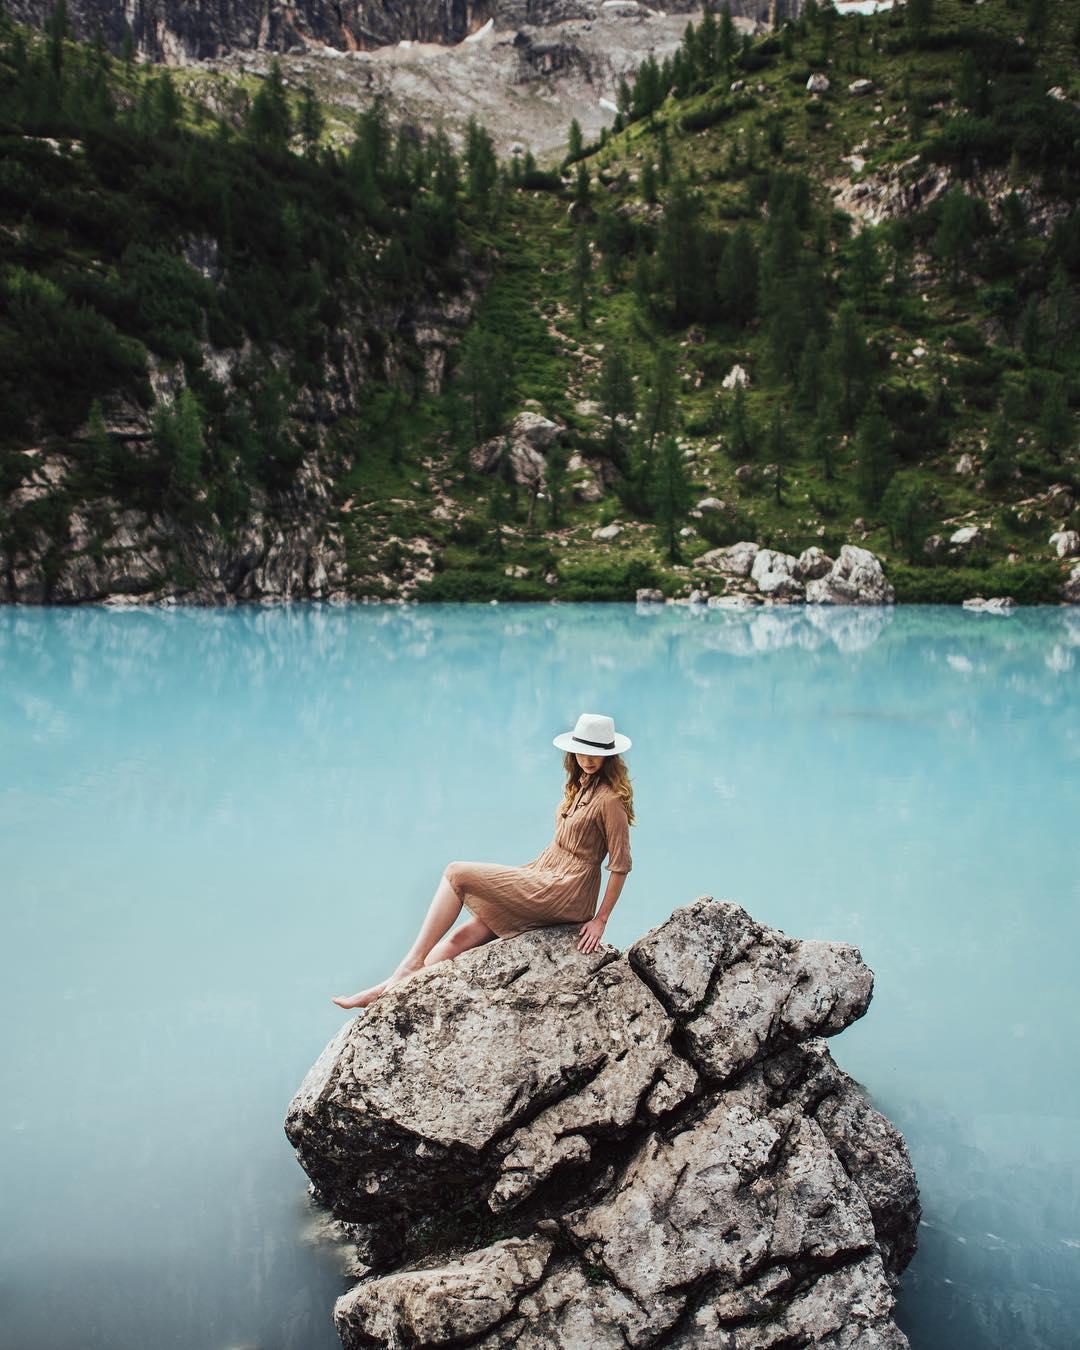 Путешествия и приключения на снимках Александра Ладанивского